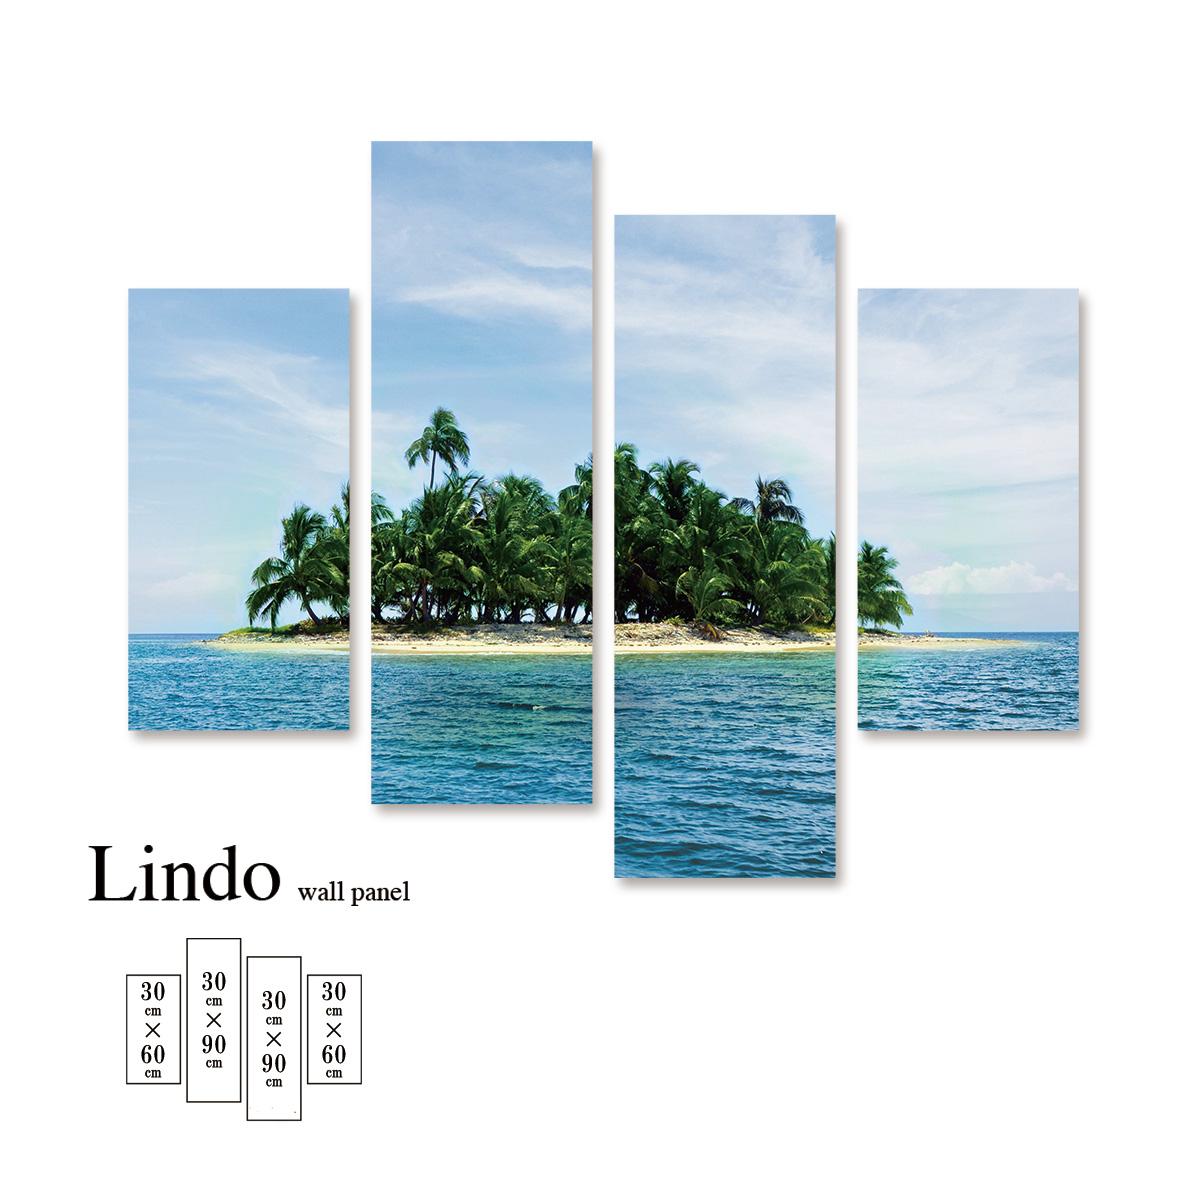 ファブリックパネル 海 海面 海岸 浜辺 ビーチ 風景 景色 青空 島 壁掛け 北欧 お洒落 デザイン アート 壁飾り アートボード 4枚パネル